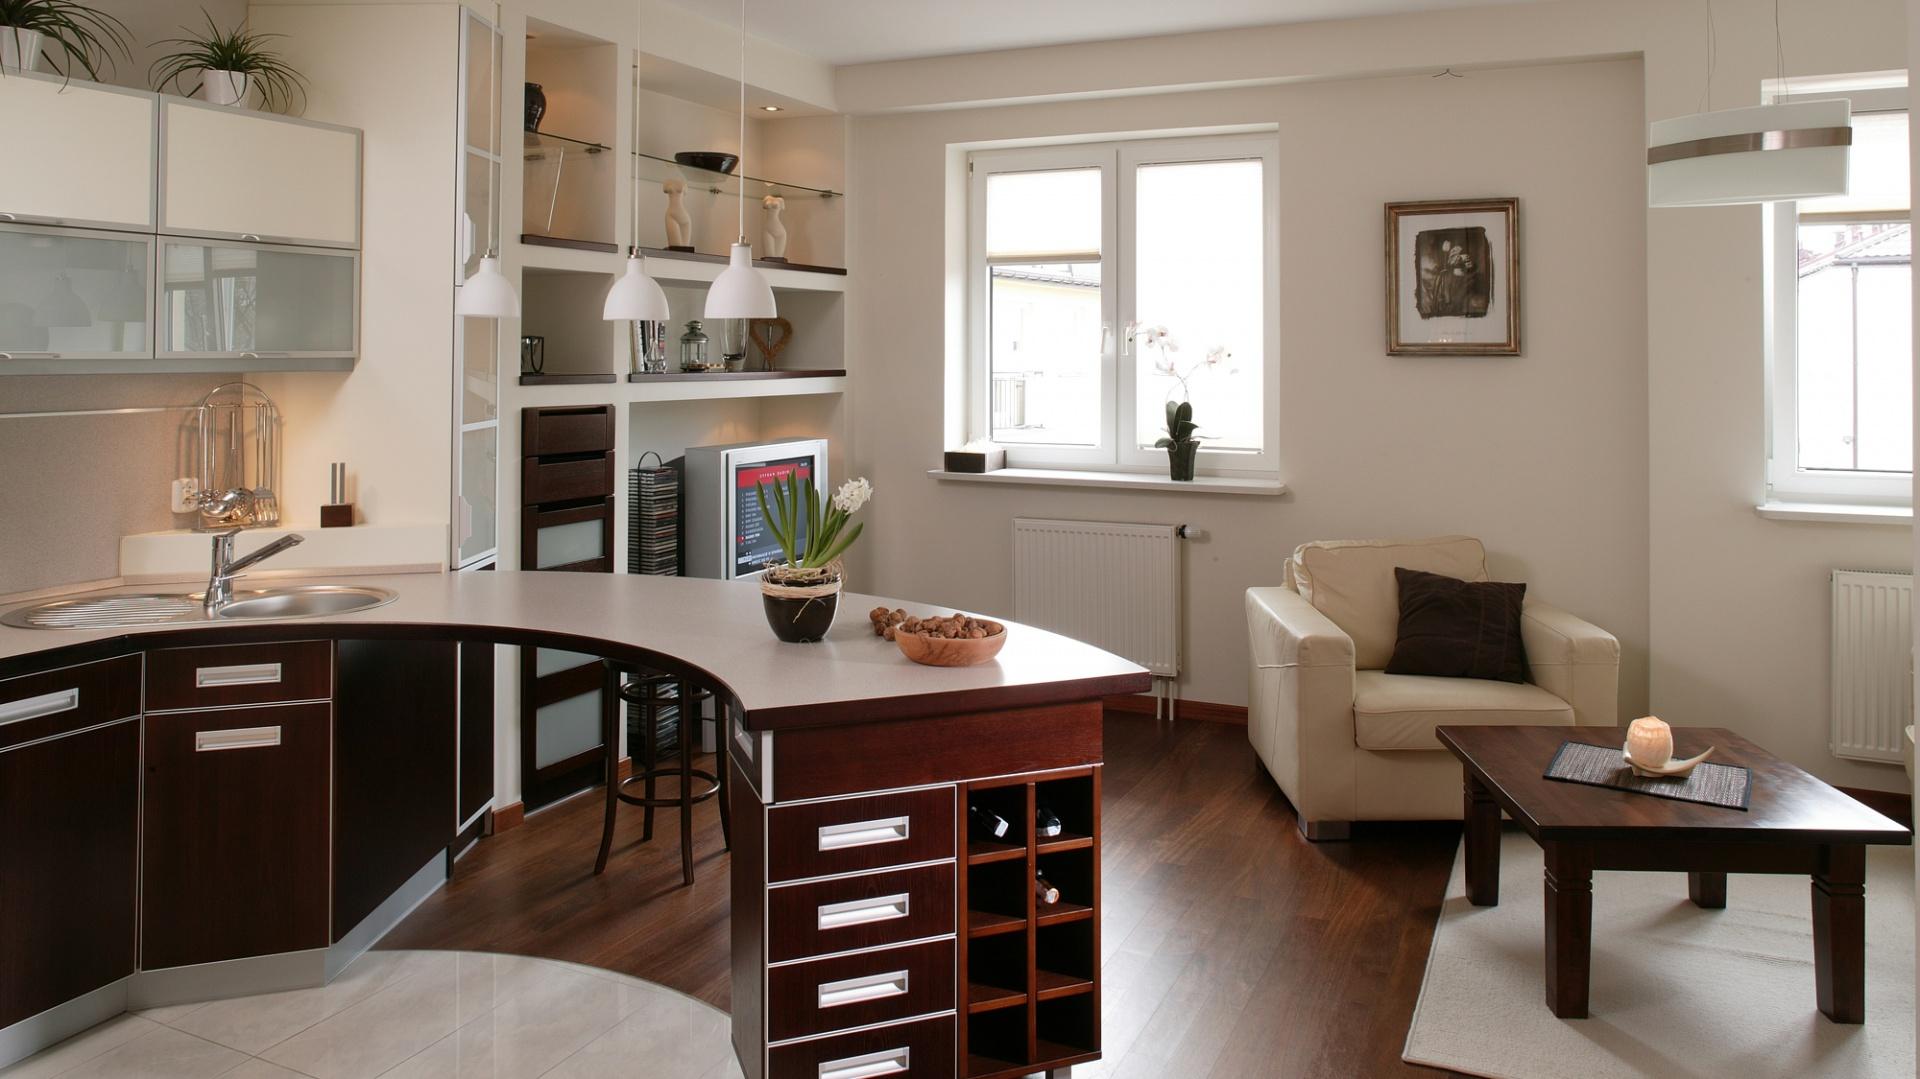 Waniliowe Fronty W Kuchni Przepis Na Przytulność